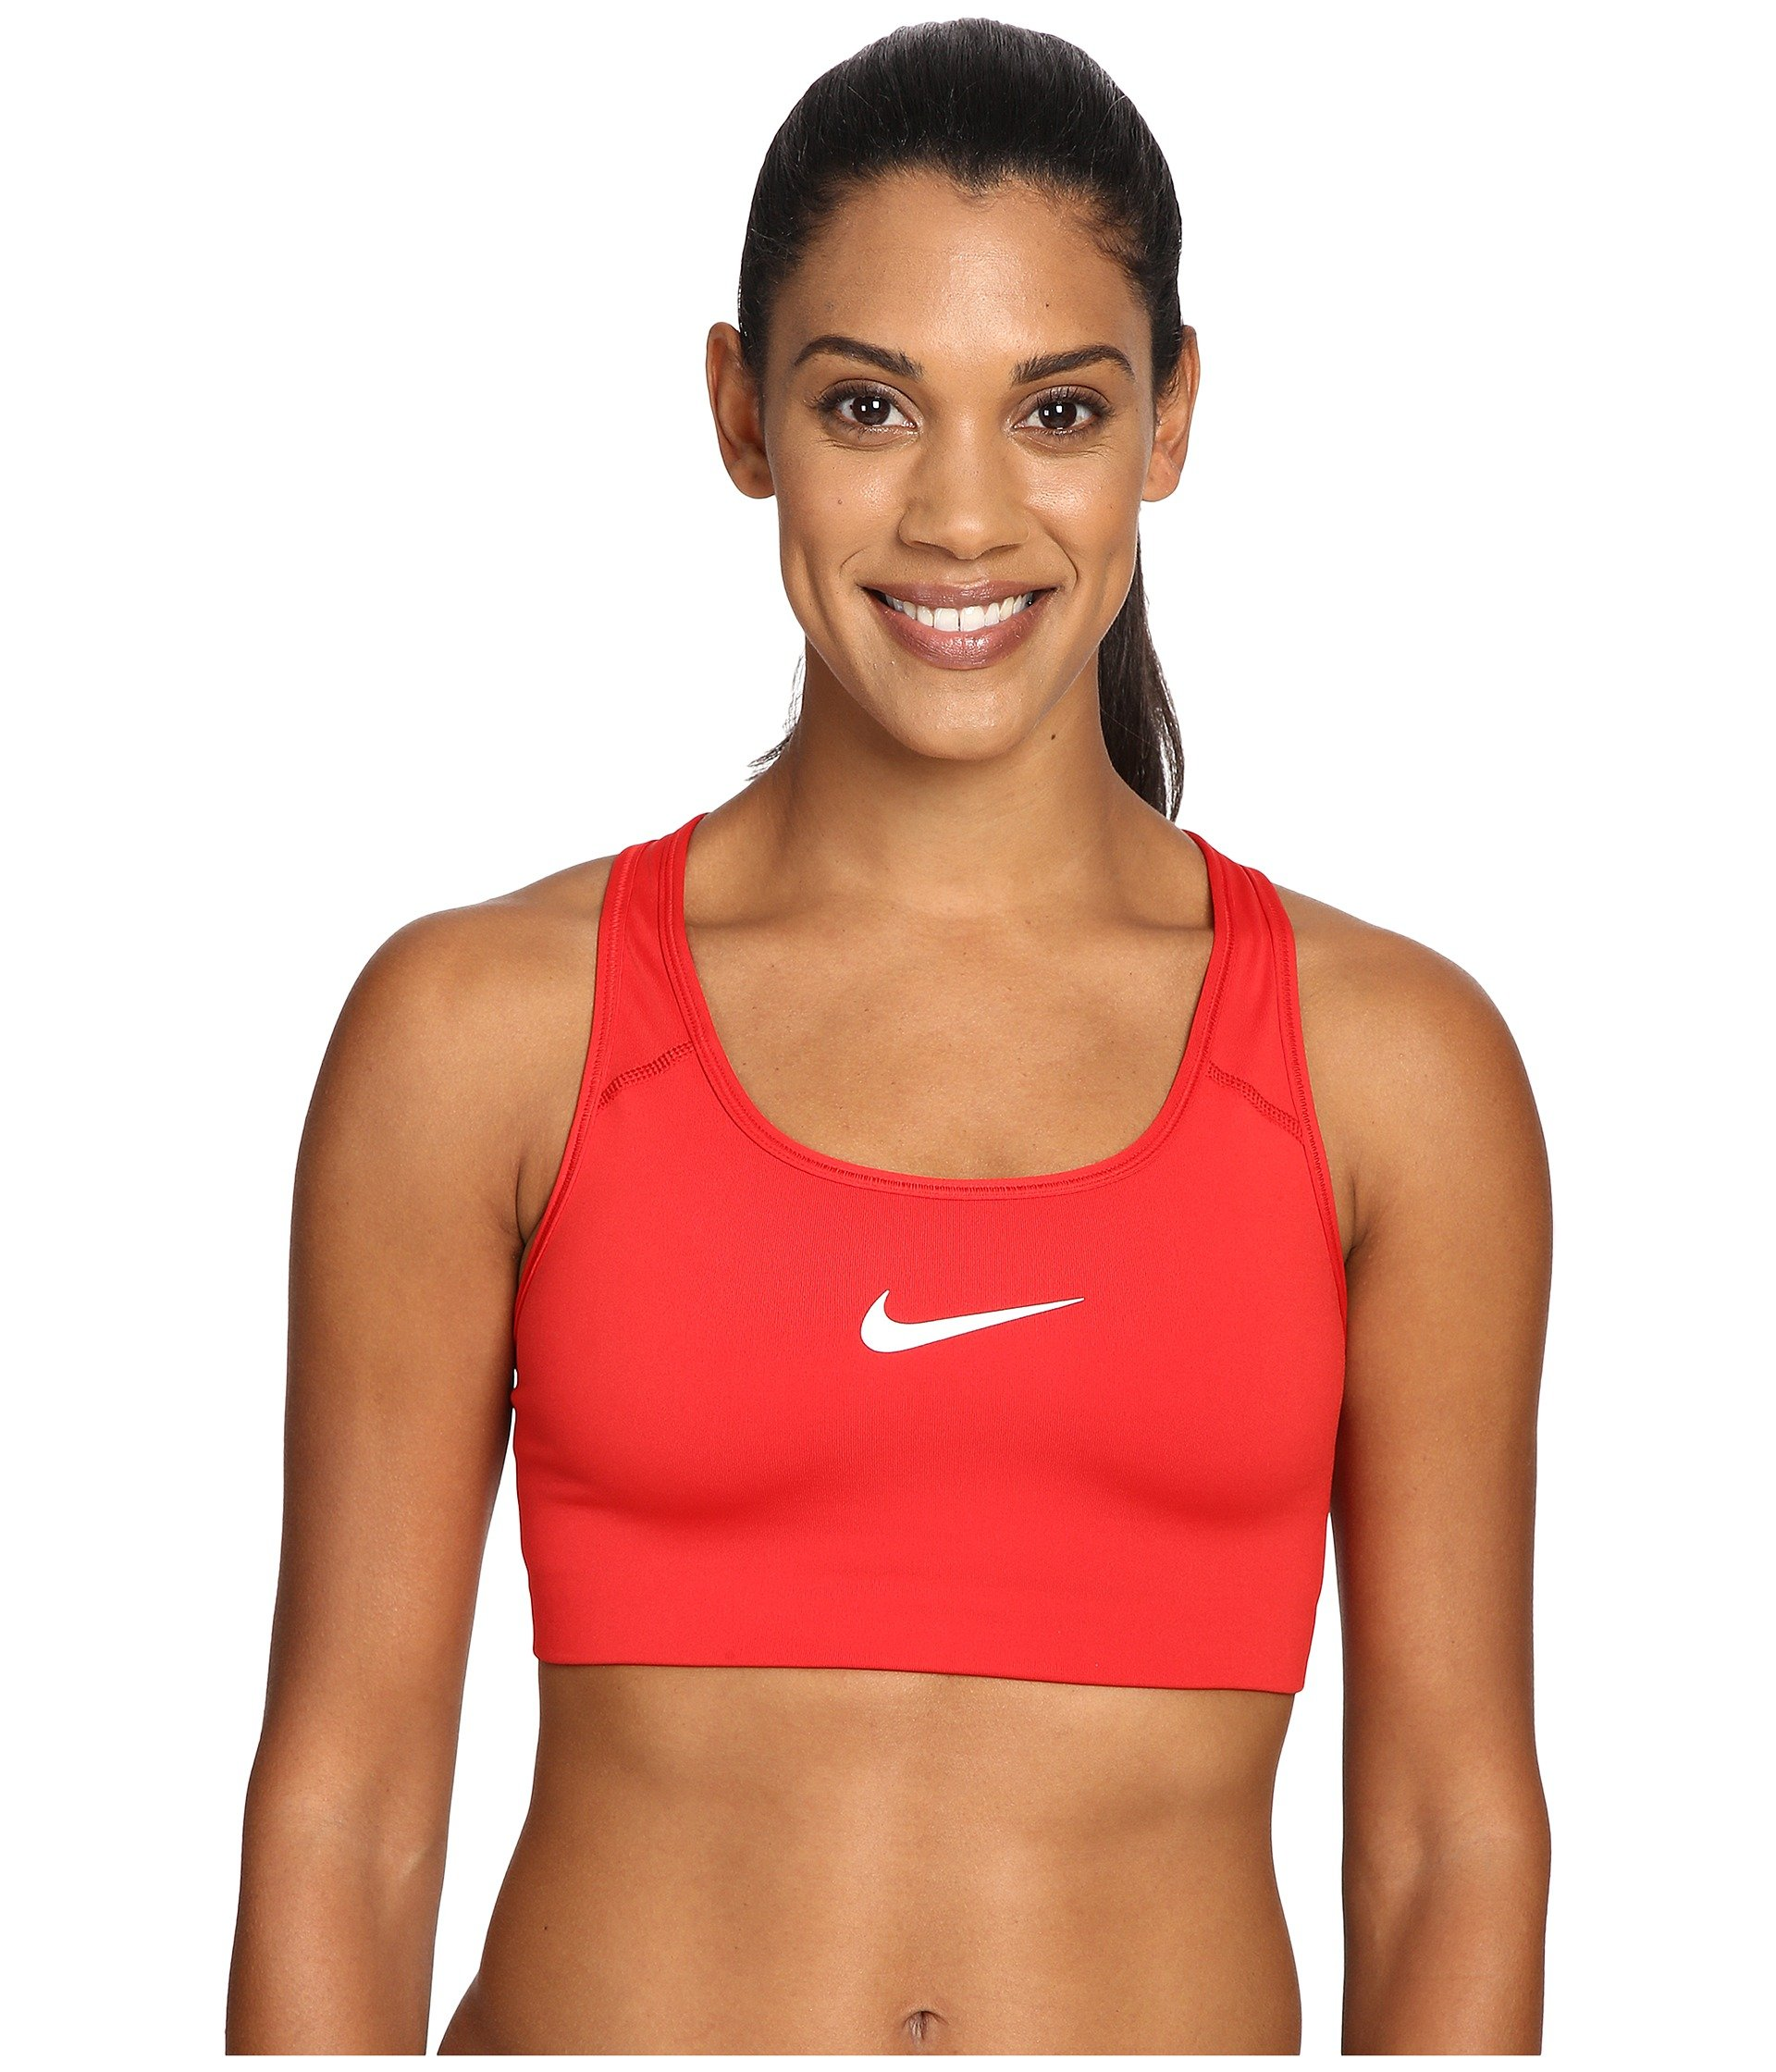 Nike Wom Pro Classic Swoosh Bra SM Red by Nike